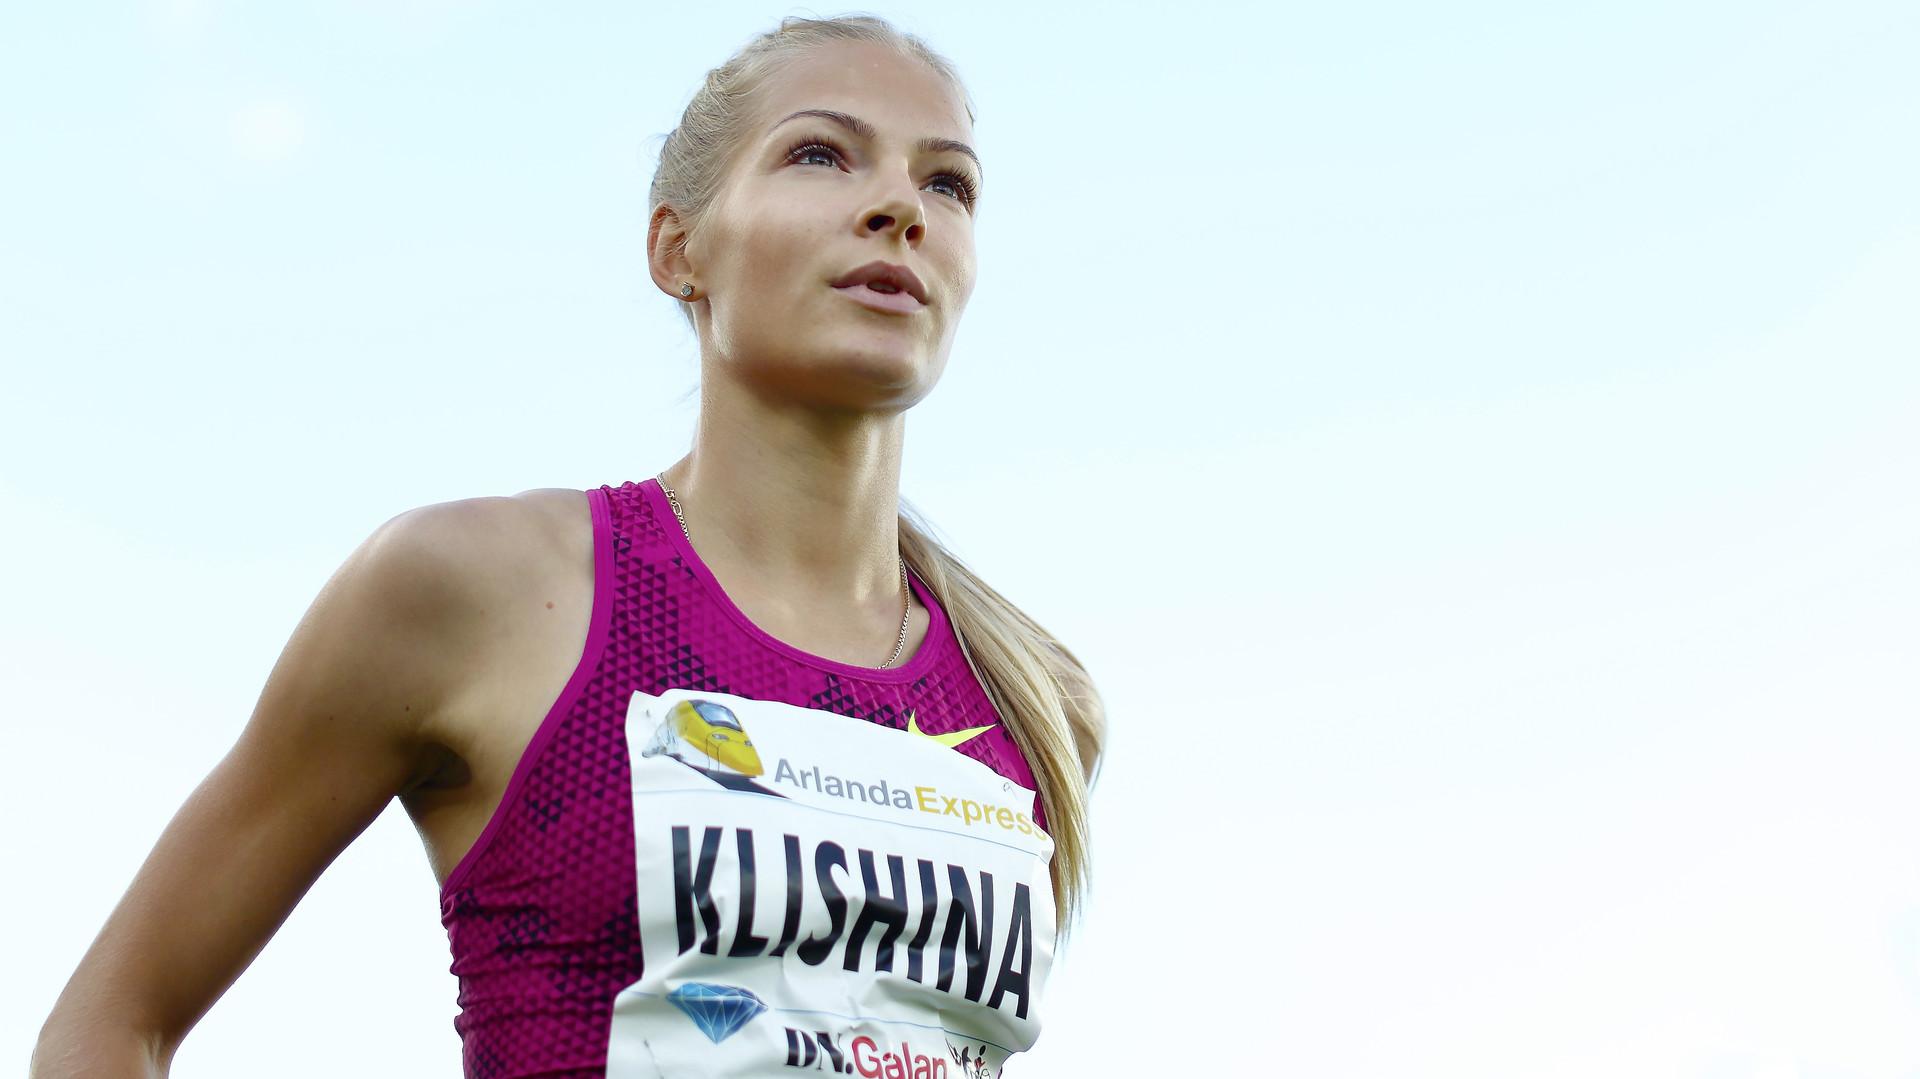 Без триколора: Степанова и Клишина выступят на чемпионате Европы под нейтральным флагом